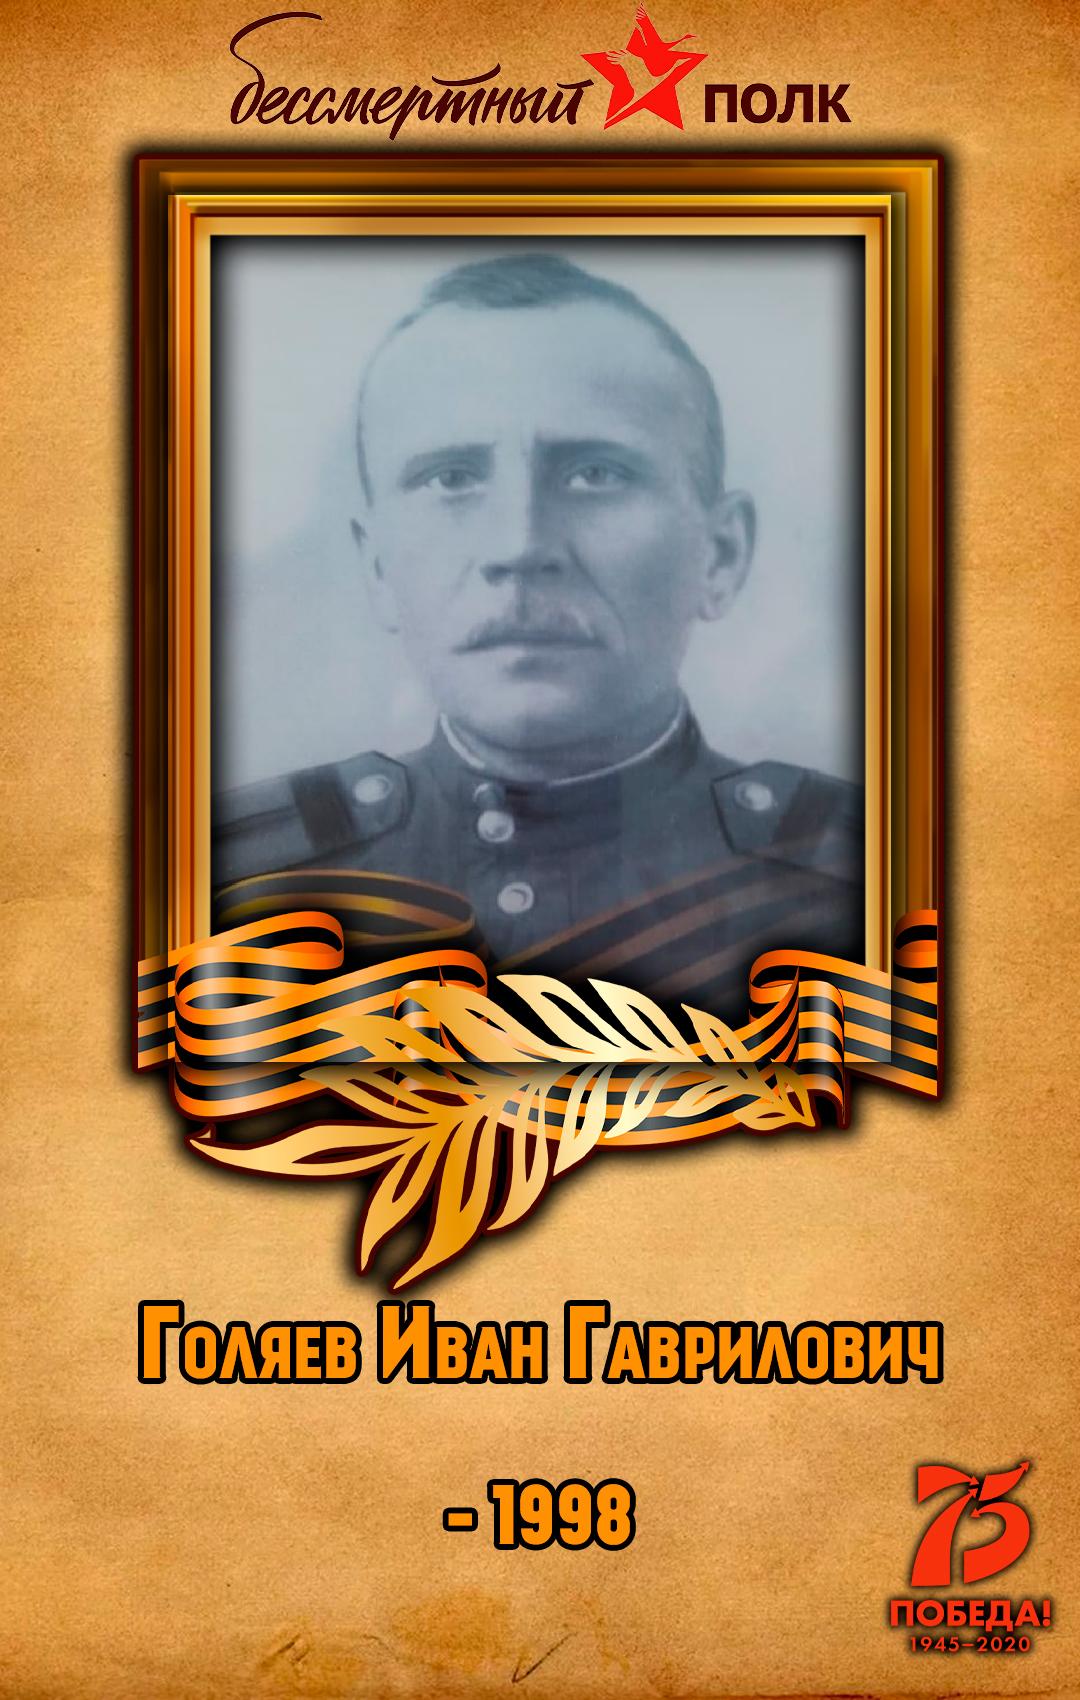 Голяев-Иван-Гаврилович